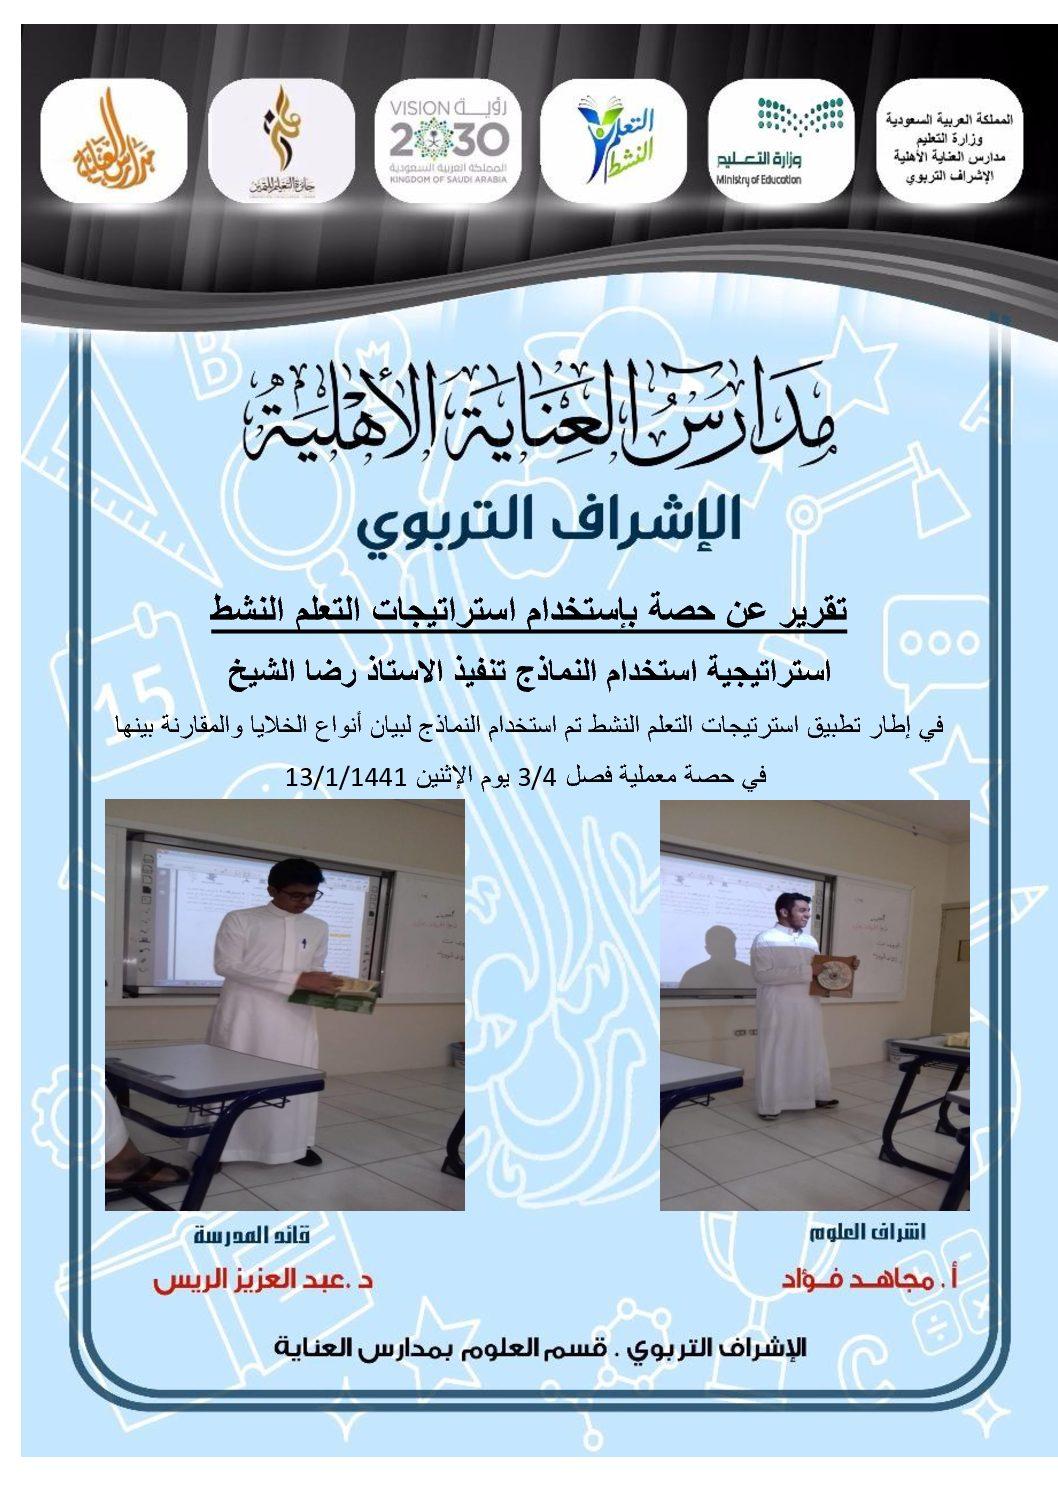 حصة بإستخدام استراتيجات التعلم النشط استراتيجية استخدام النماذج تنفيذ الأستاذ رضا الشيخ